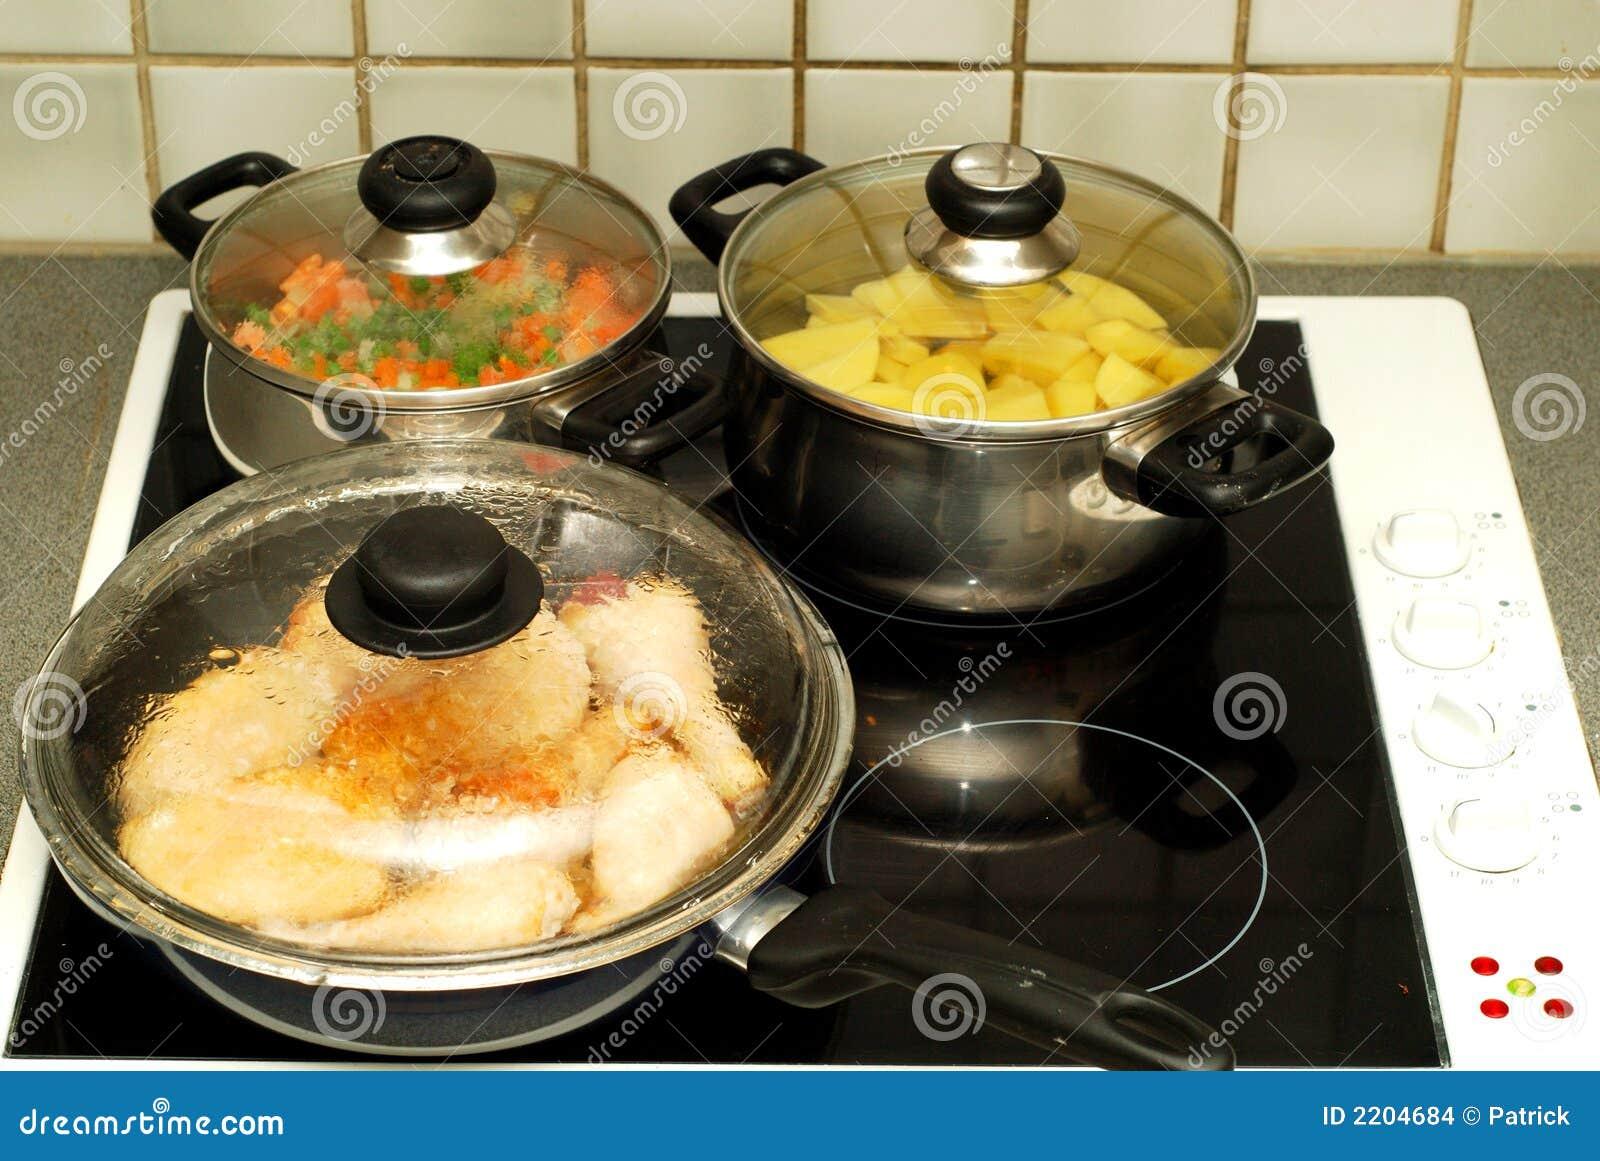 Cocinando   Tiempo De Cena Cocinando Foto De Archivo Imagen De Patata 2204684